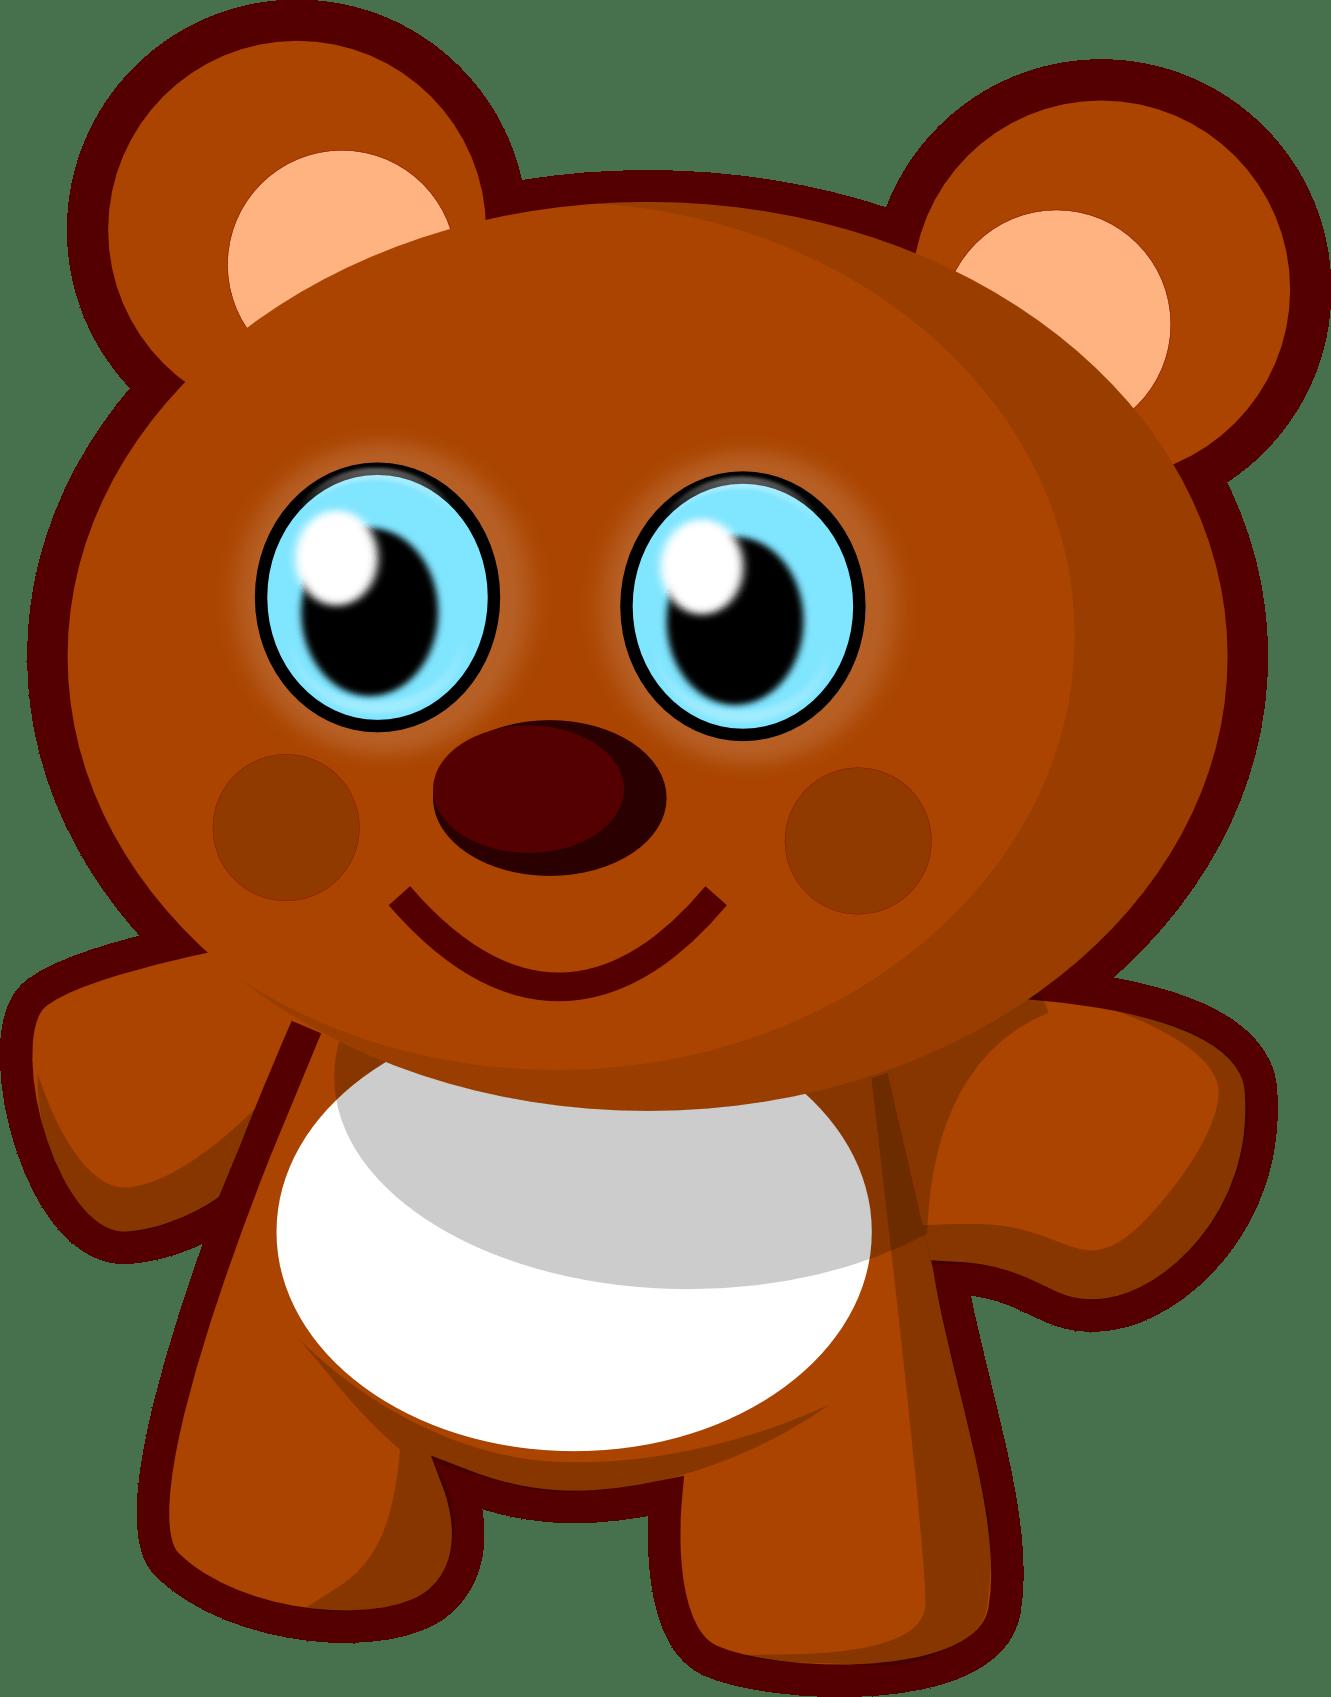 hight resolution of clip art cute bear teddy bear animal clipart library clipart